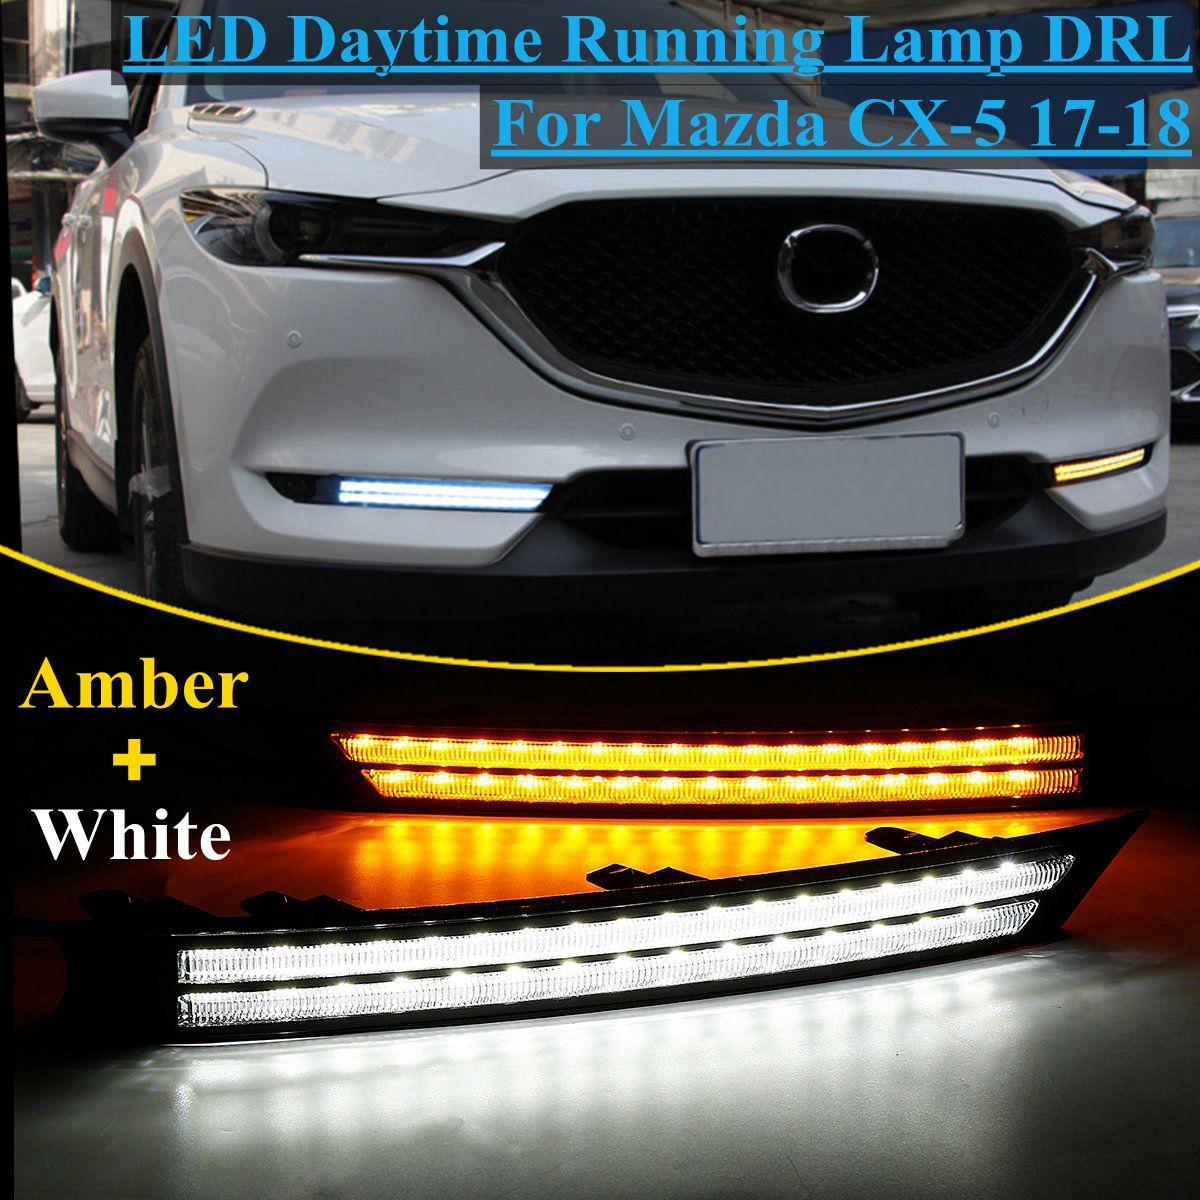 12 V Led Car Drl Daytime Running Luz Nevoeiro Decoração Da Lâmpada Cx-5 Cx5 Fluindo Turno Sinal Para Mazda 2017 2018 relé À Prova D' Água